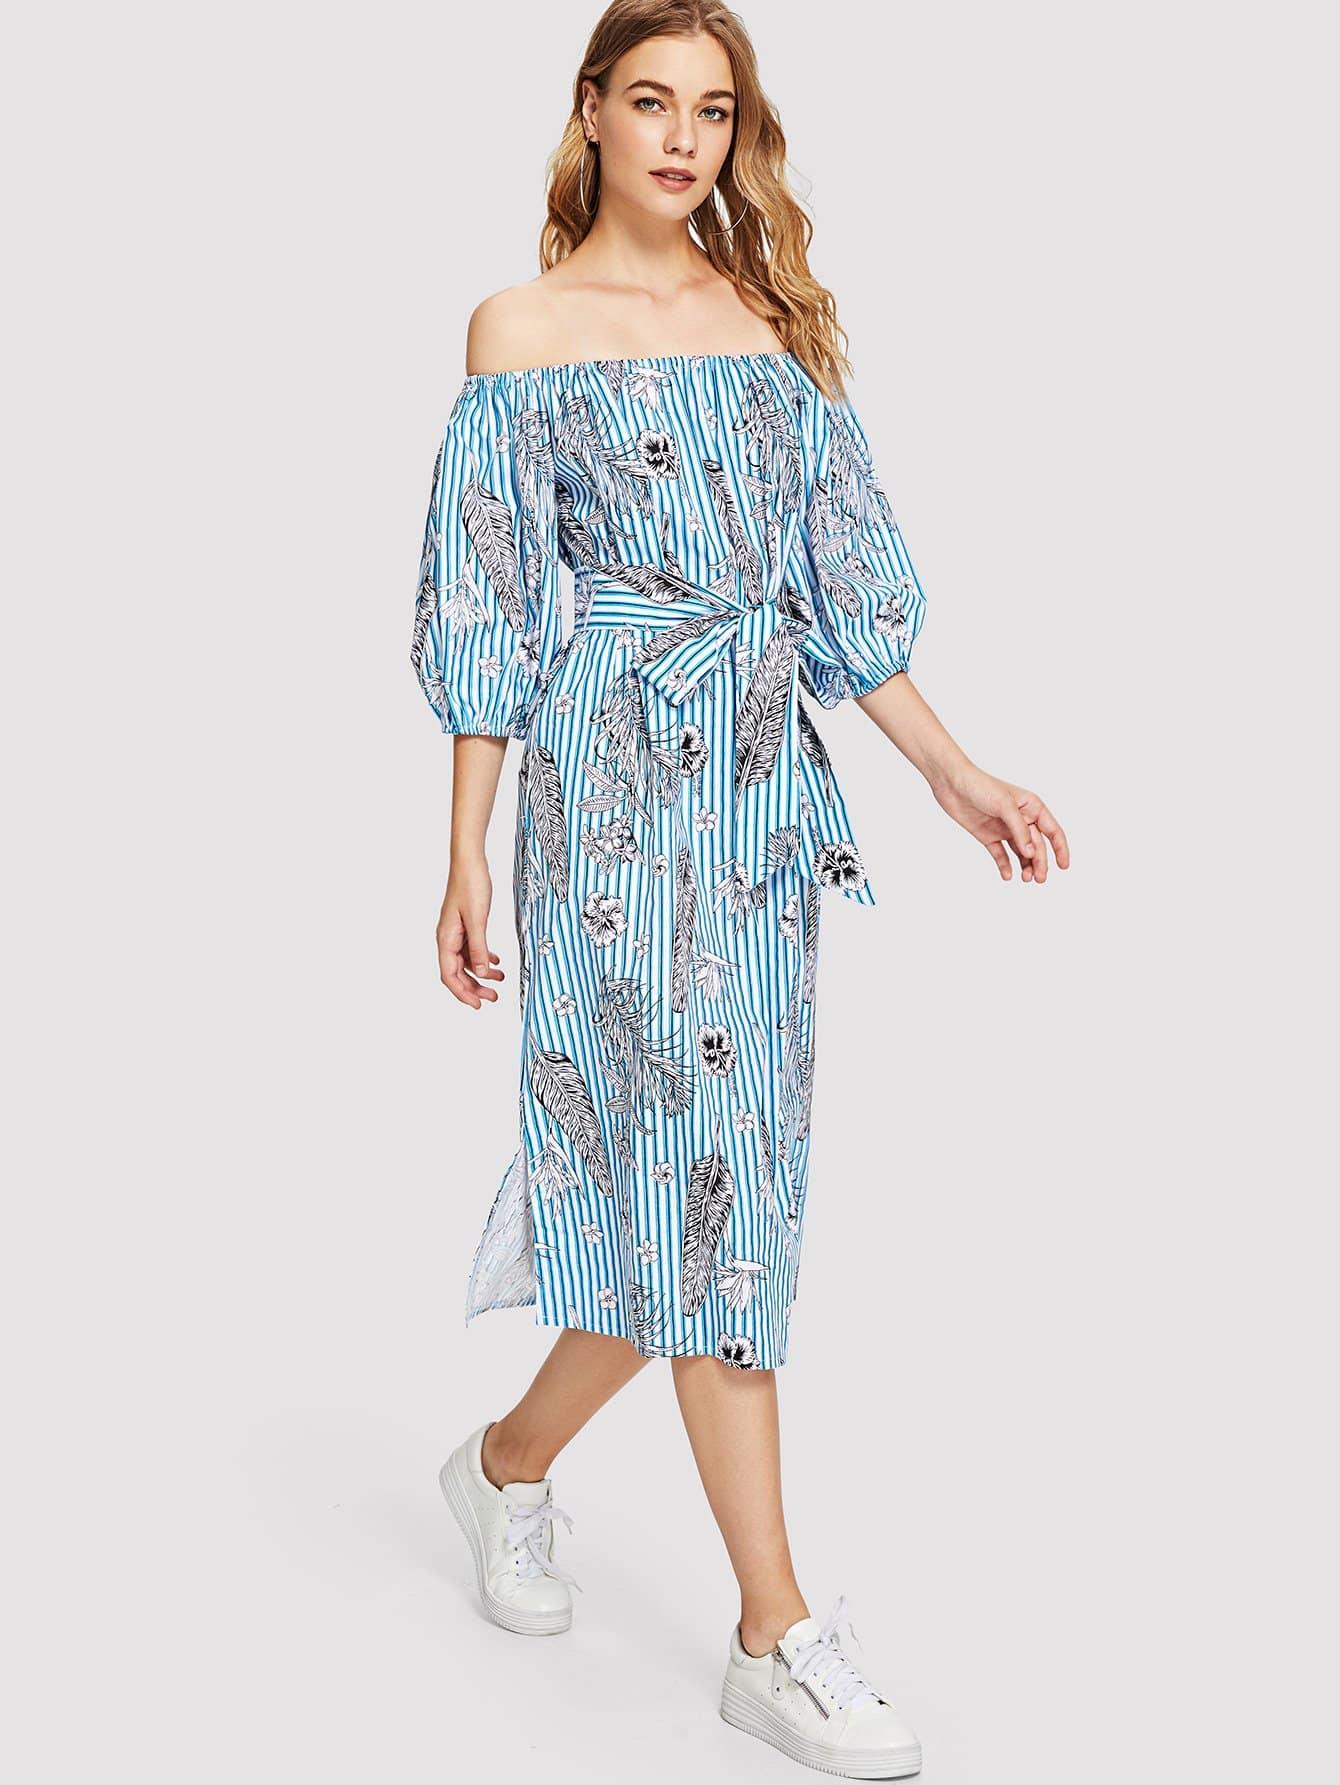 Купить Платье бандо с полосками на веревочке, Teresa, SheIn